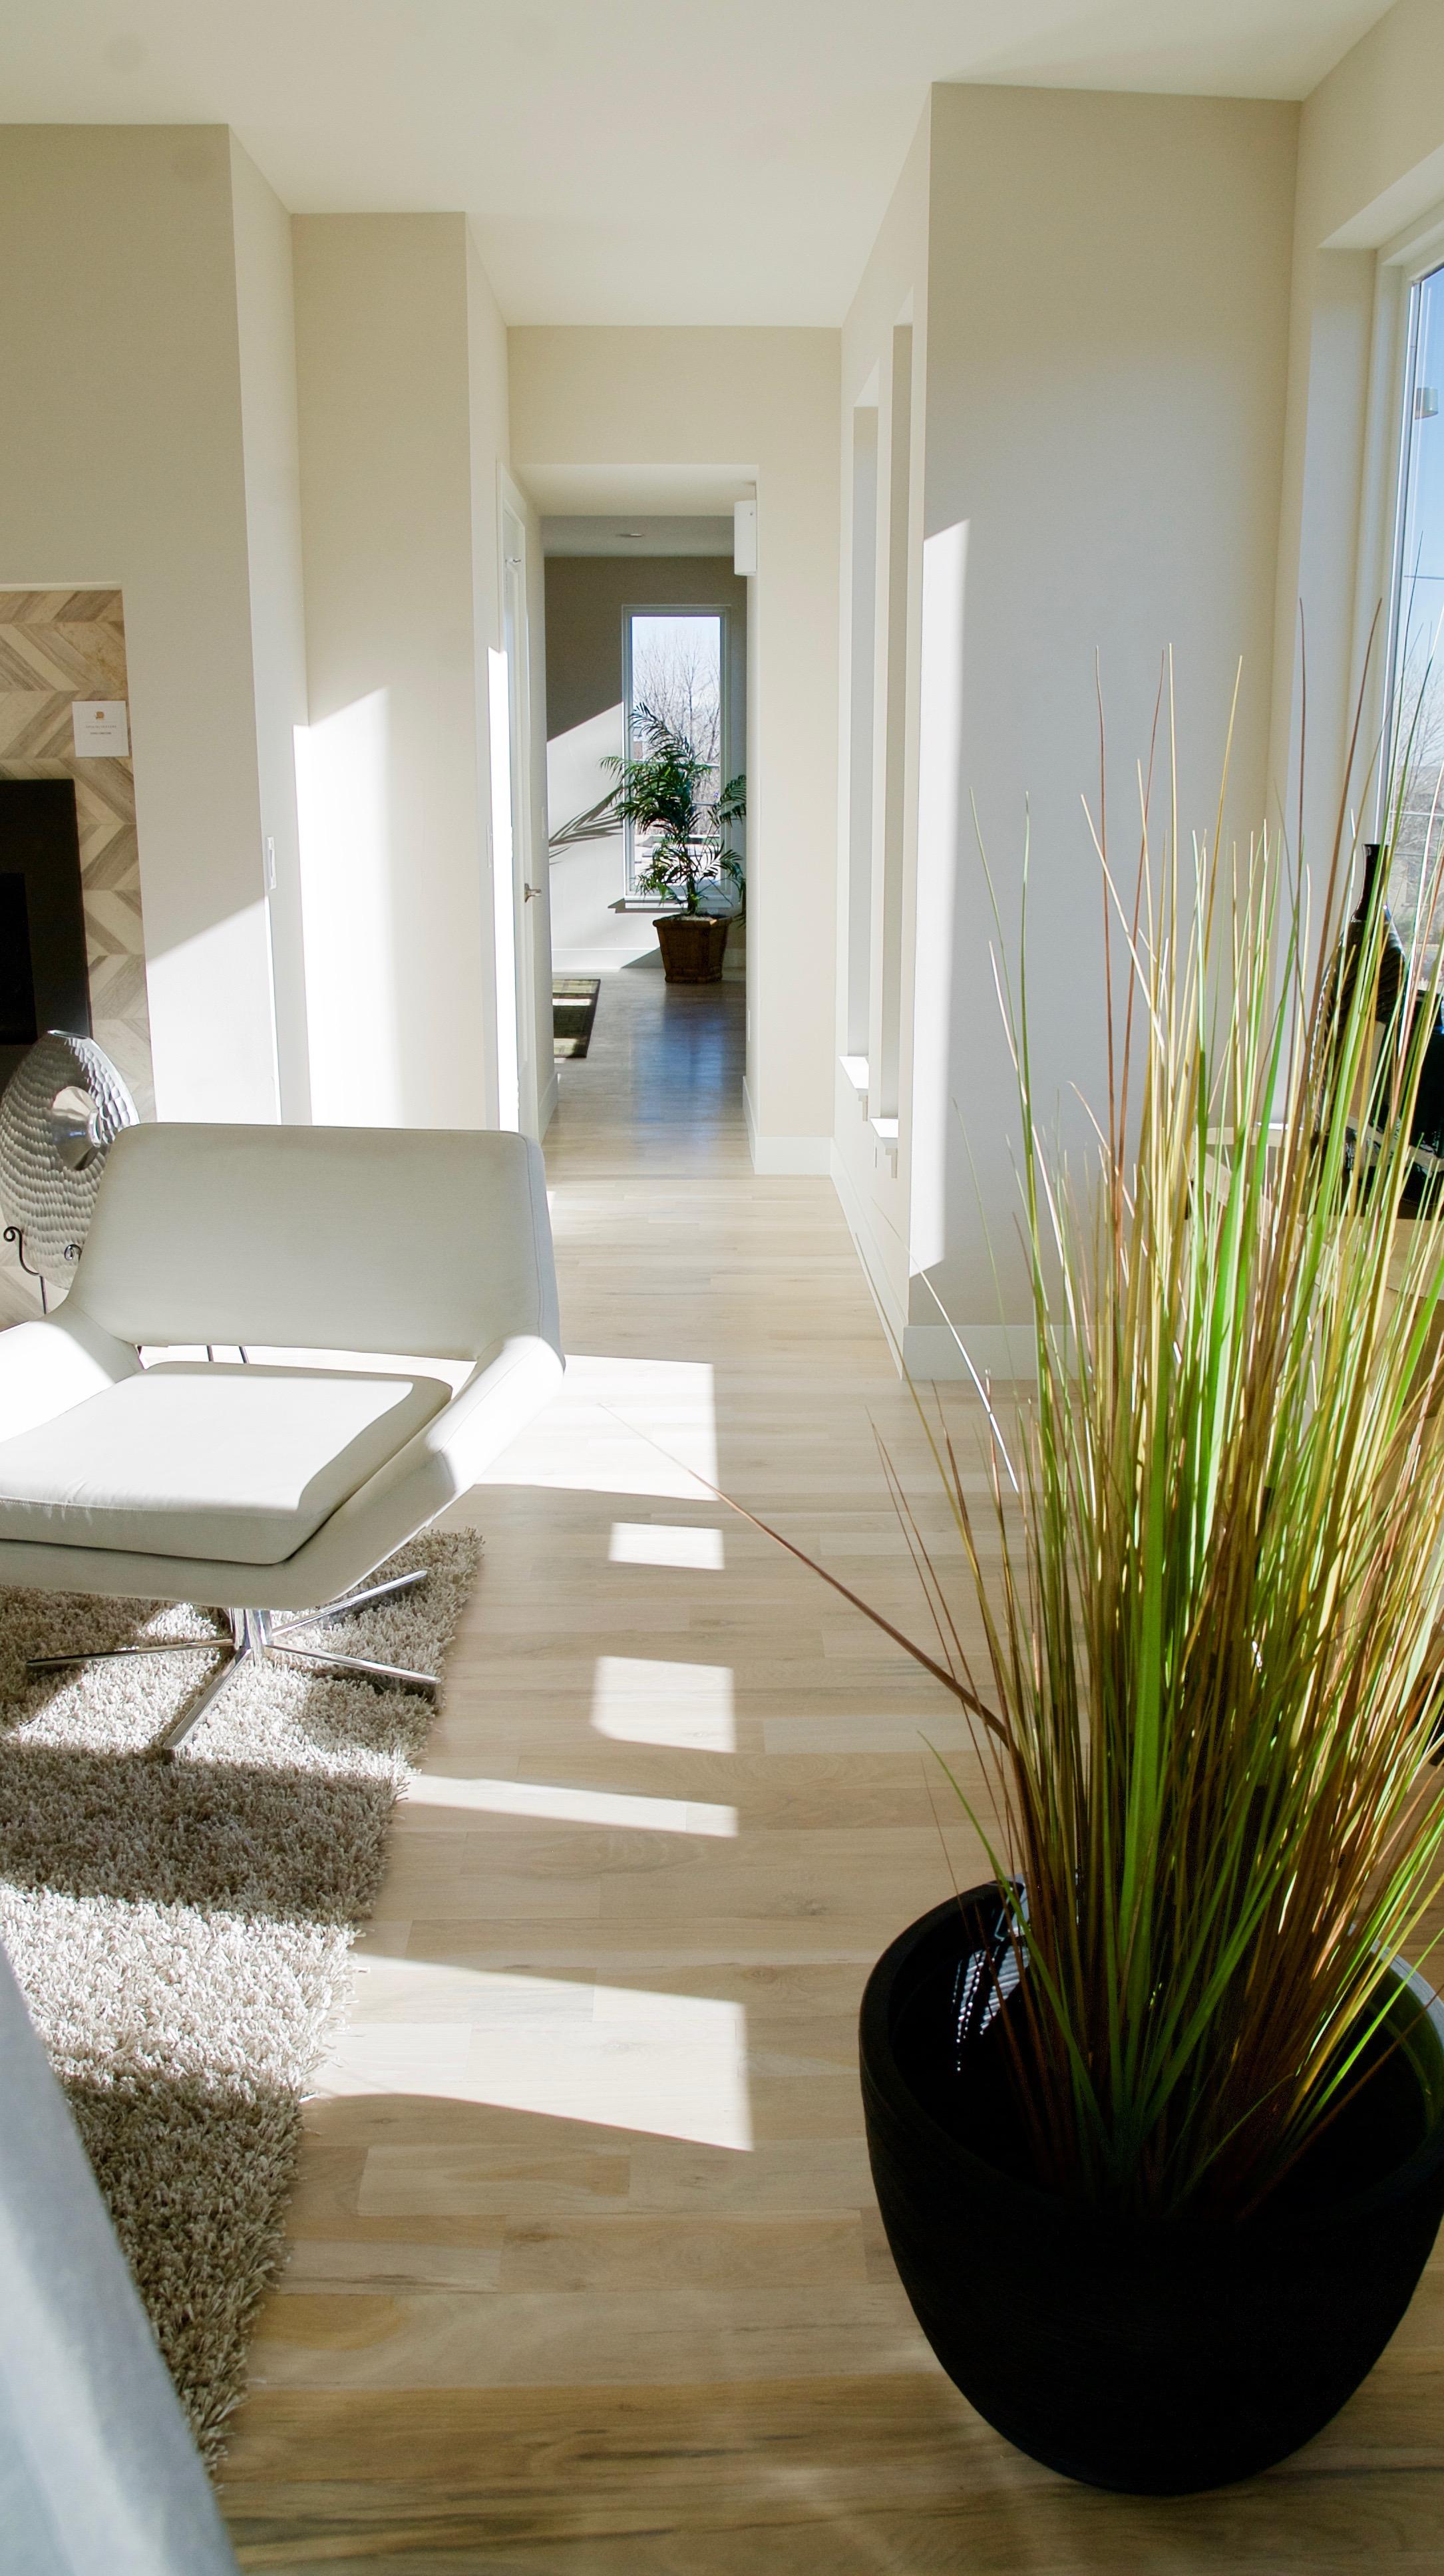 Eighth image of Residential Hardwood Flooring for Tejon Denver by ASA Flooring